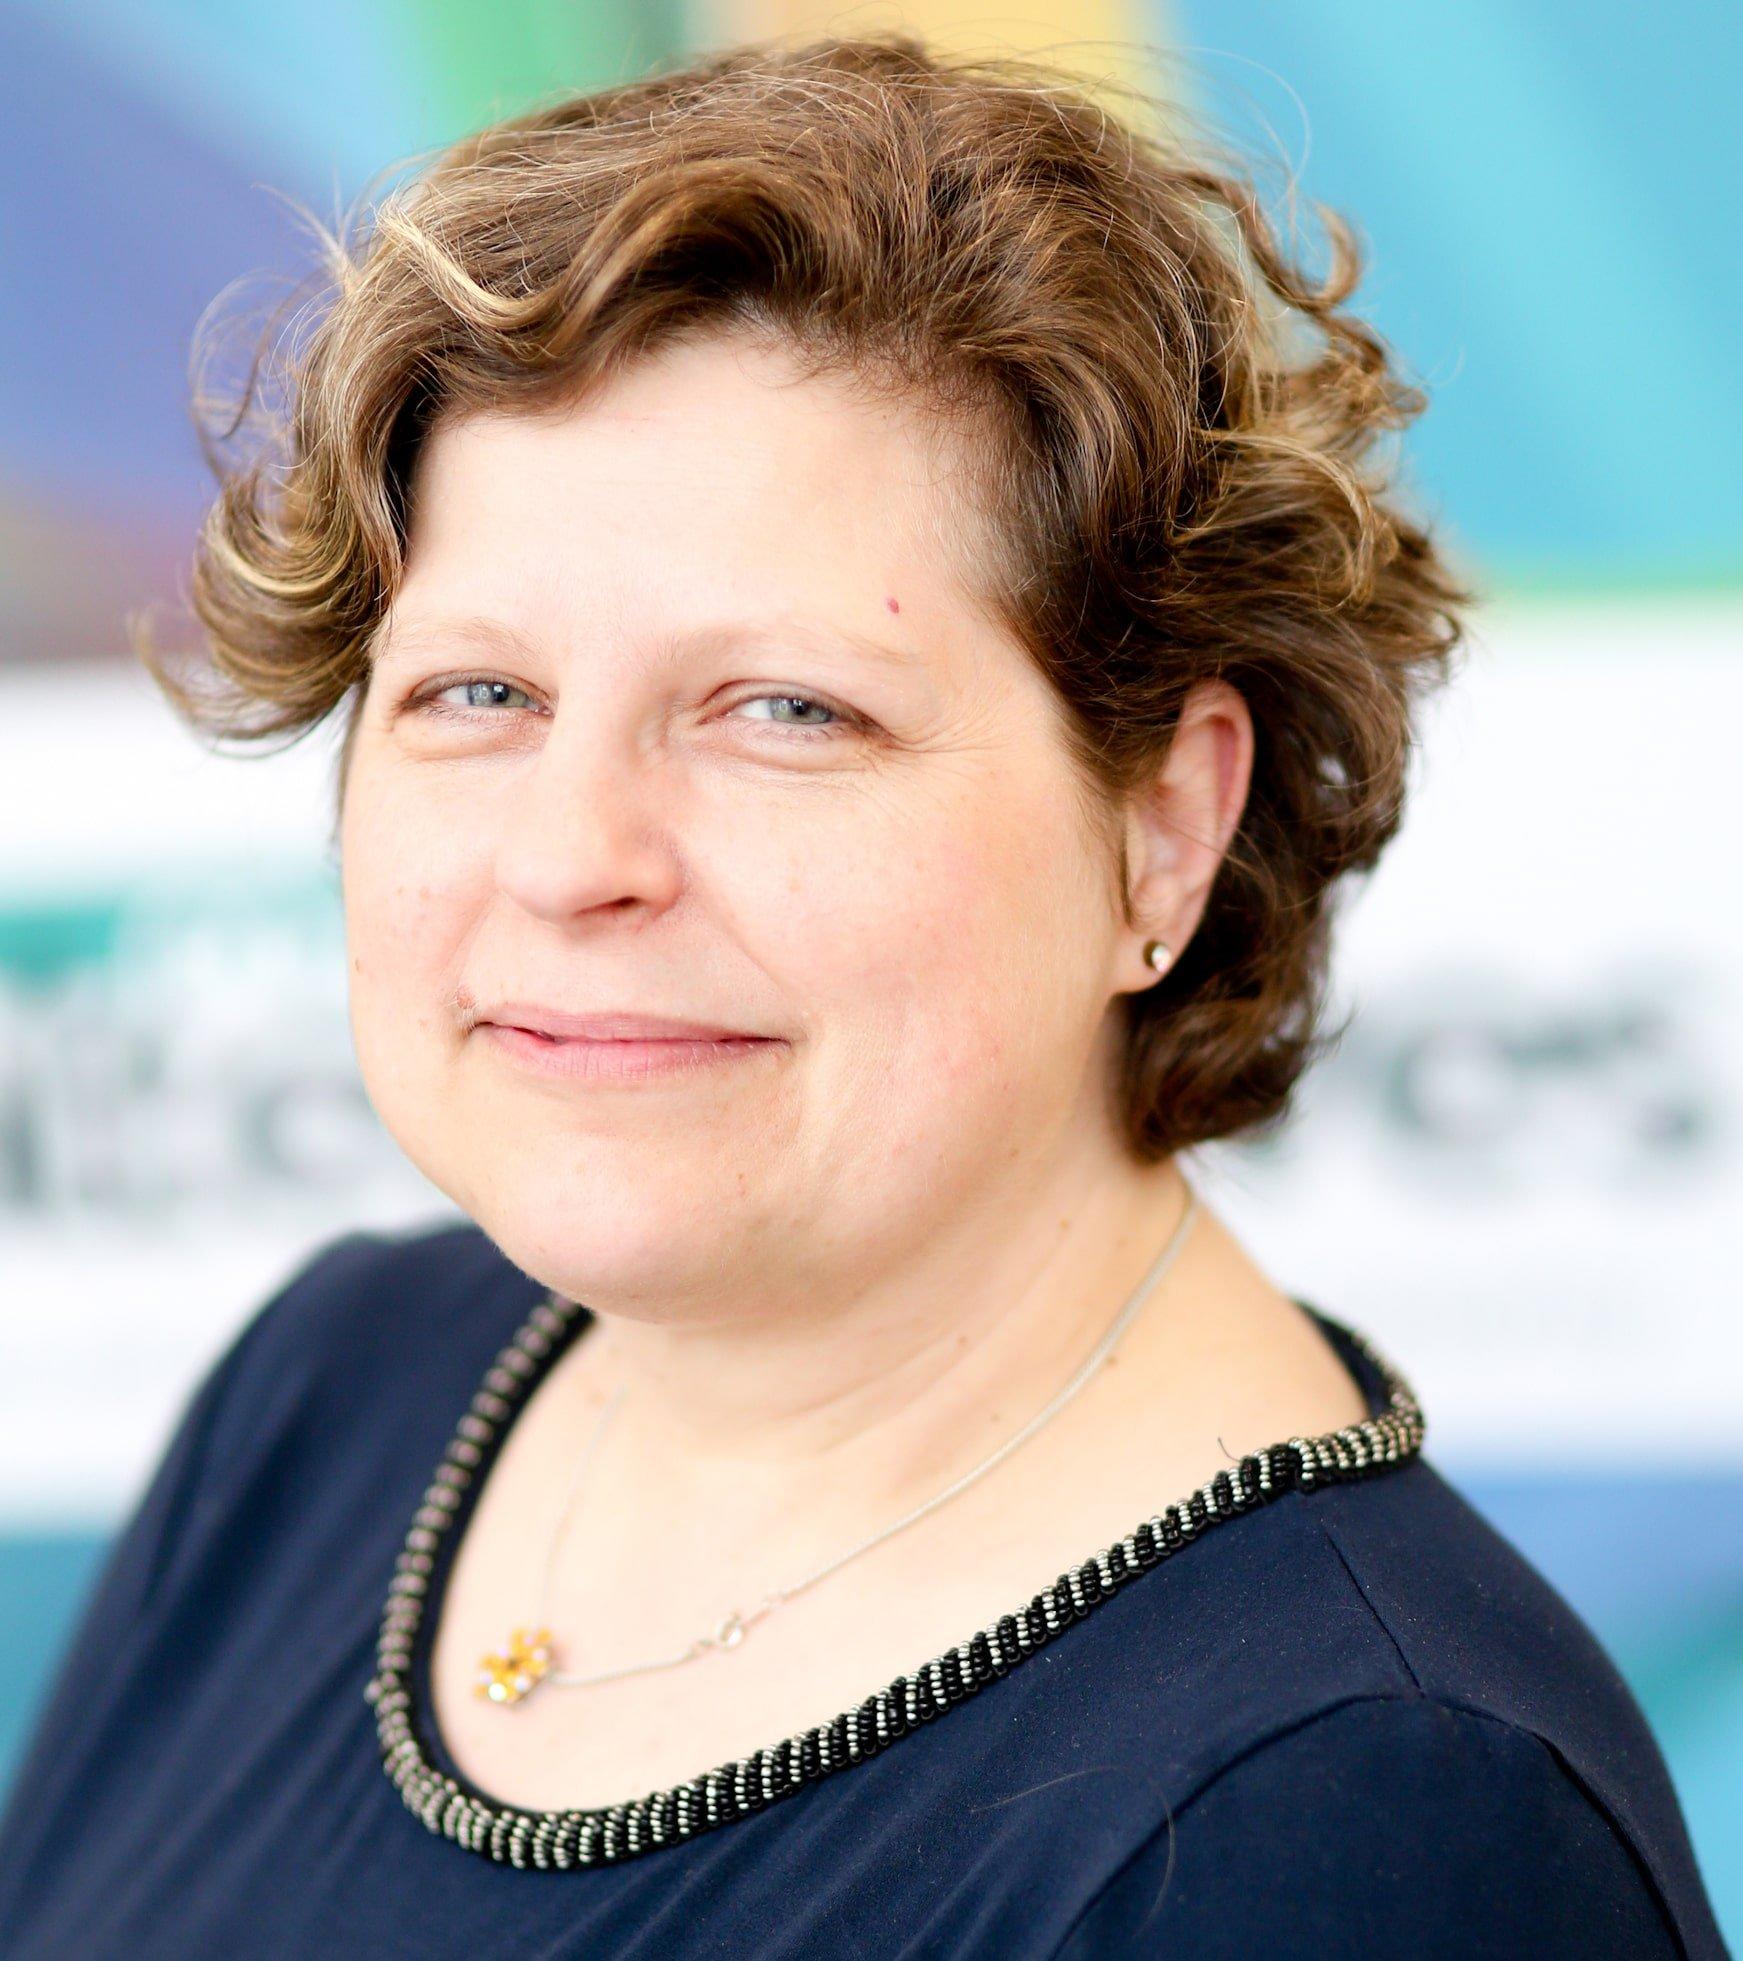 Tiziana O'Hara